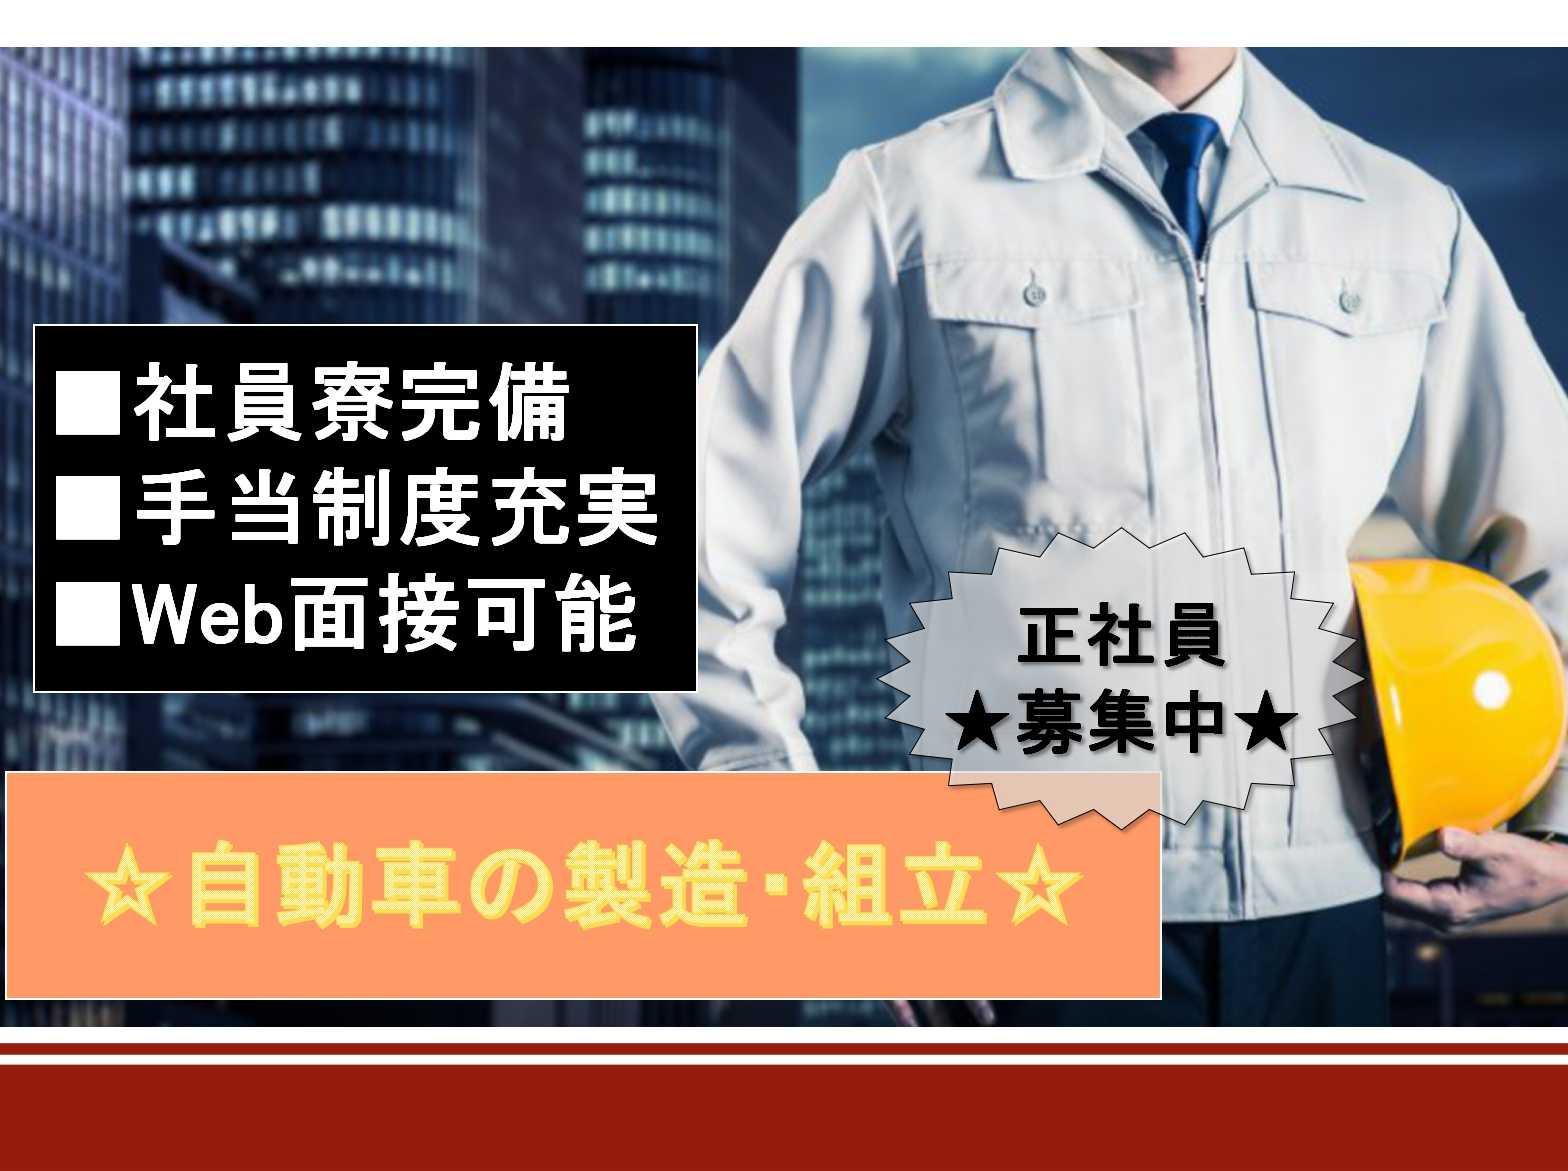 【正社員】Web面接可能◇社員寮完備◇自動車の製造・組立◇ イメージ